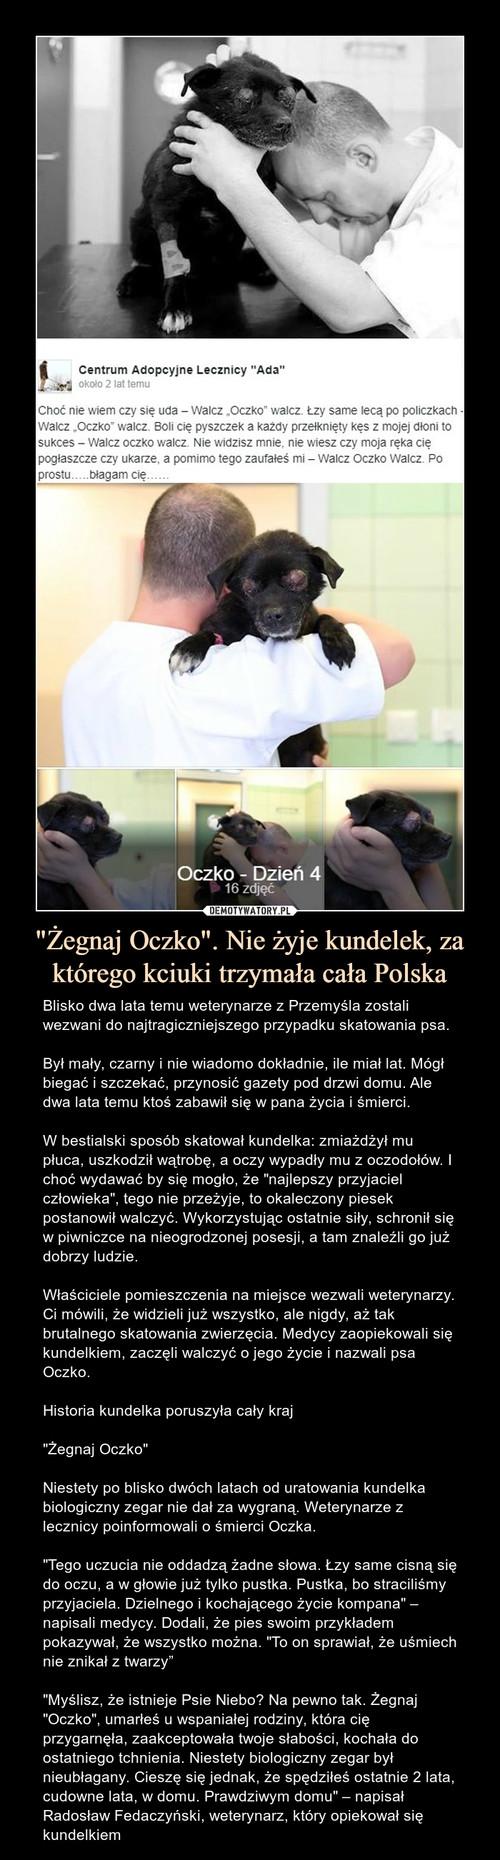 """""""Żegnaj Oczko"""". Nie żyje kundelek, za którego kciuki trzymała cała Polska"""